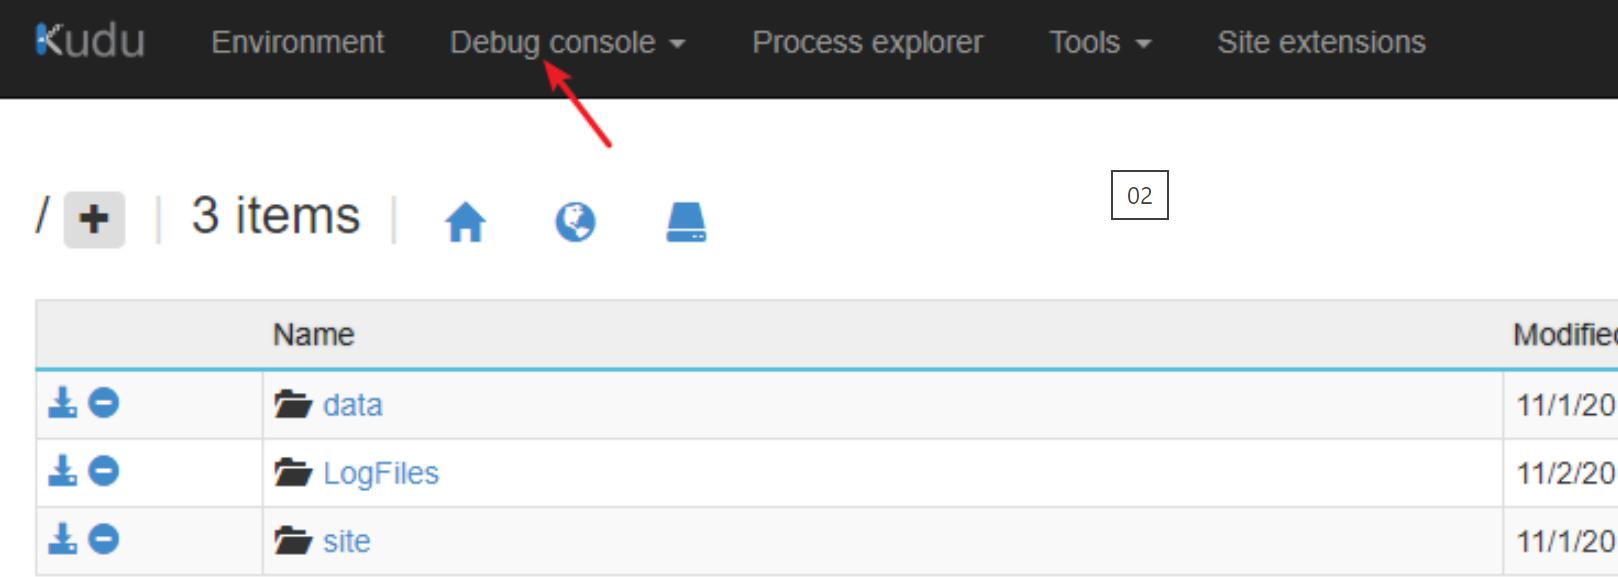 【Azure 應用服務】App Service服務無法啟動,開啟Kudu站點,App Service Editor 頁面均丟擲:The service is unavailable